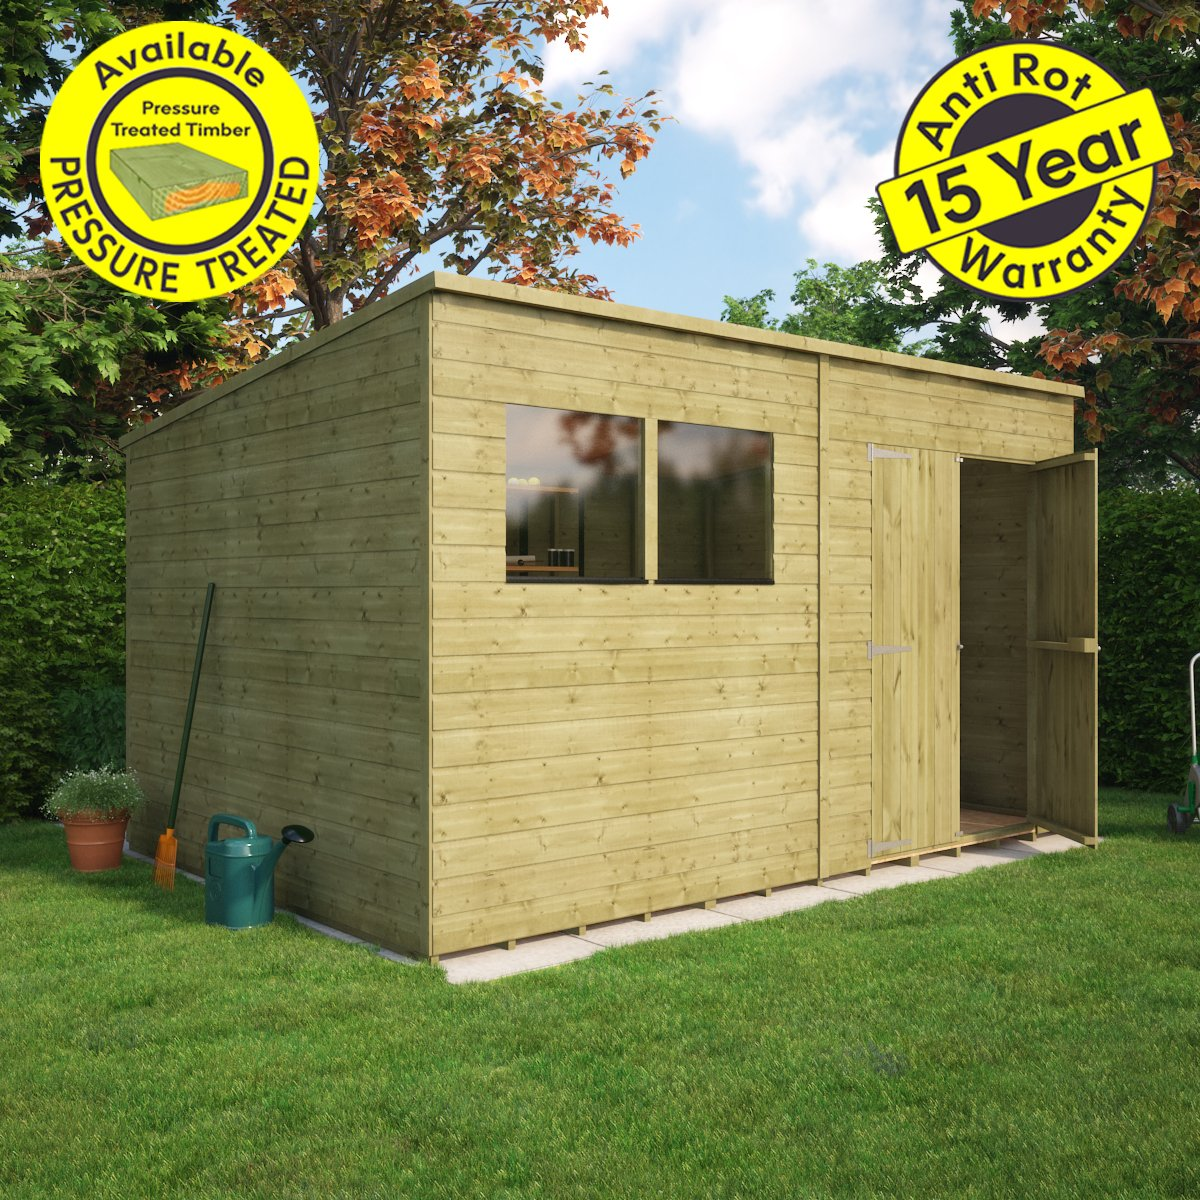 Project Timber - Cobertizo inclinado de madera con ventana para jardín: Amazon.es: Jardín